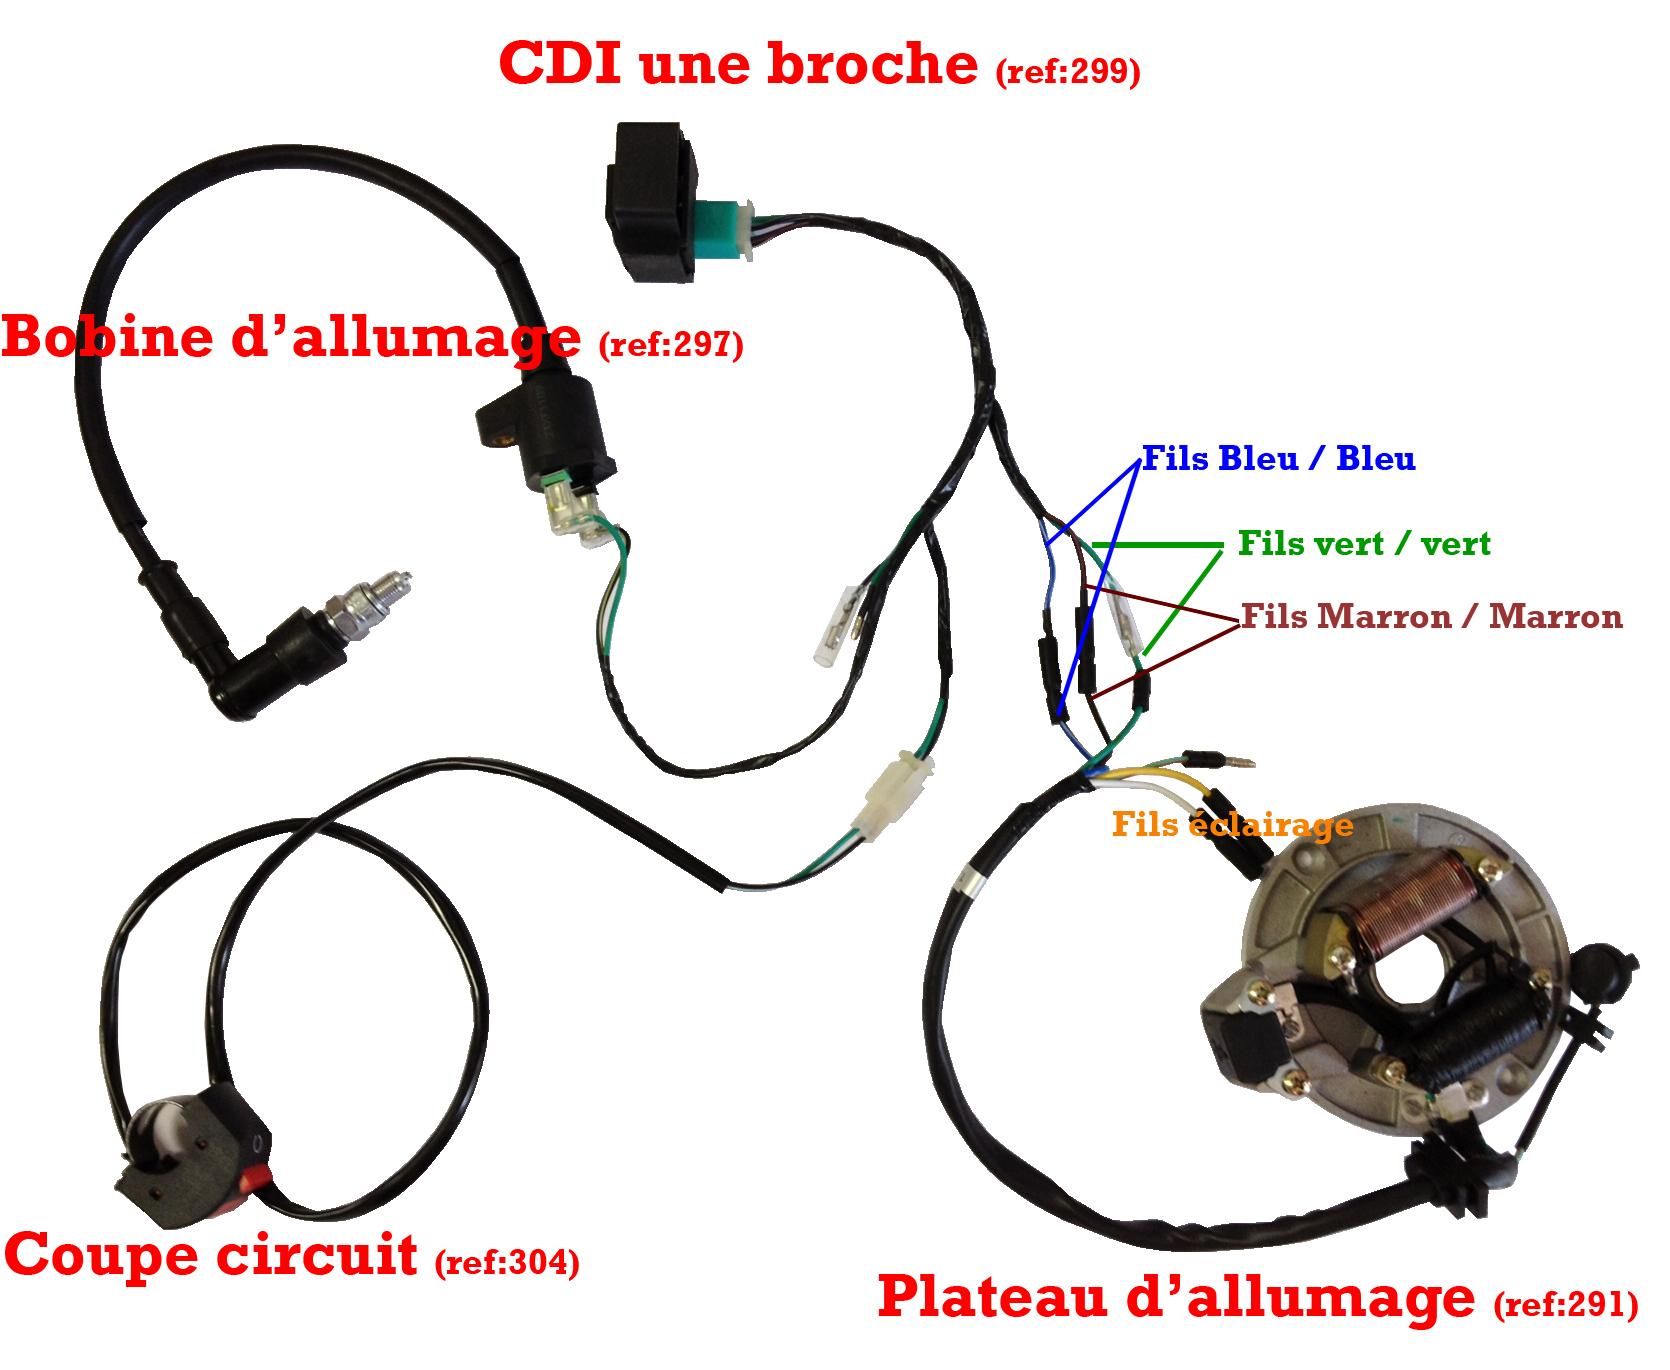 faisceau electrique standard cdi une broche pour dirt bike. Black Bedroom Furniture Sets. Home Design Ideas